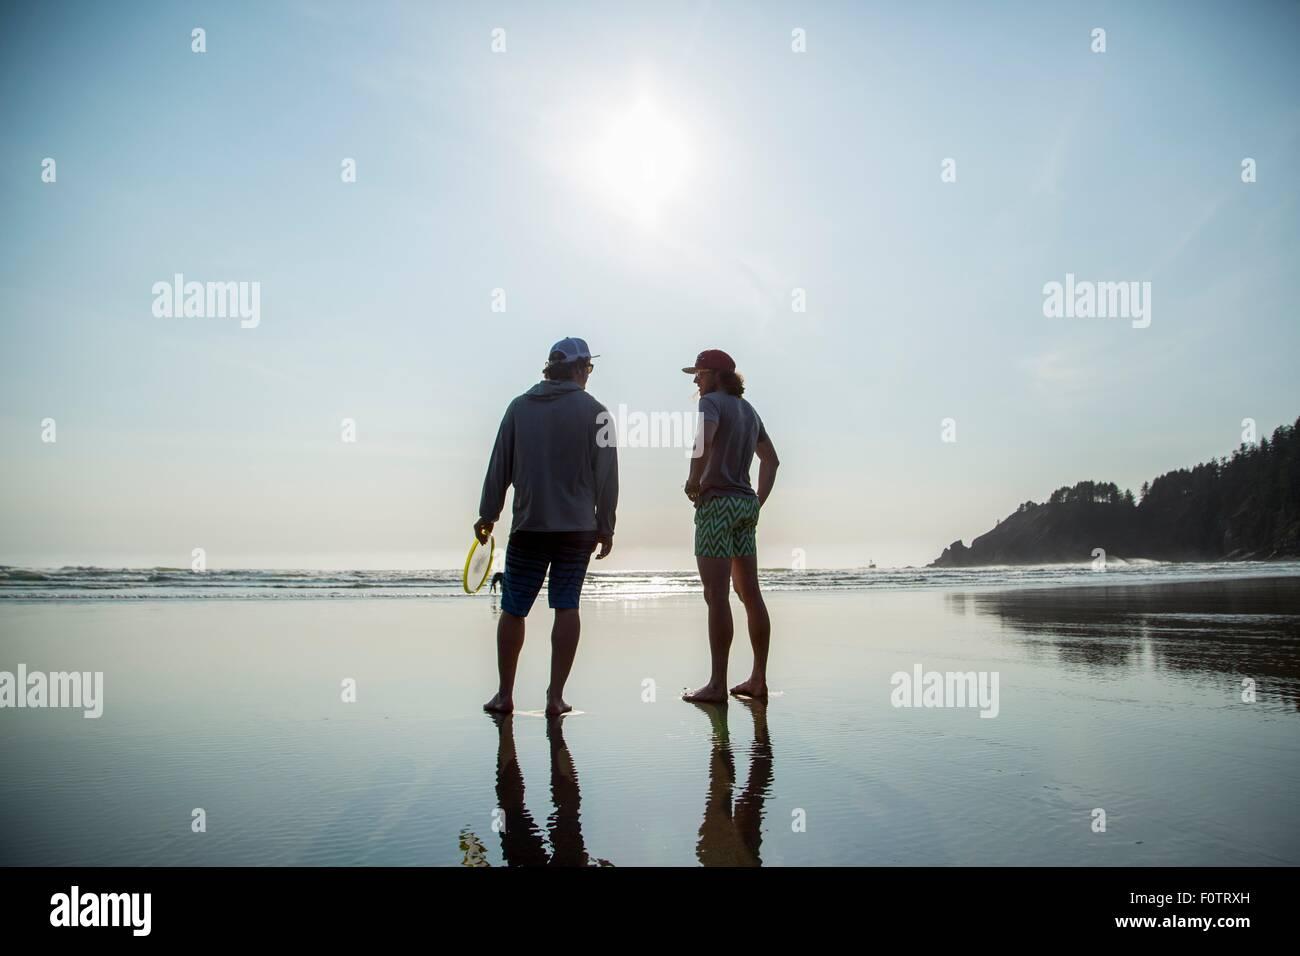 La silhouette arrière vue de deux jeunes hommes discutant sur court-Sands Beach, Oregon, USA Photo Stock